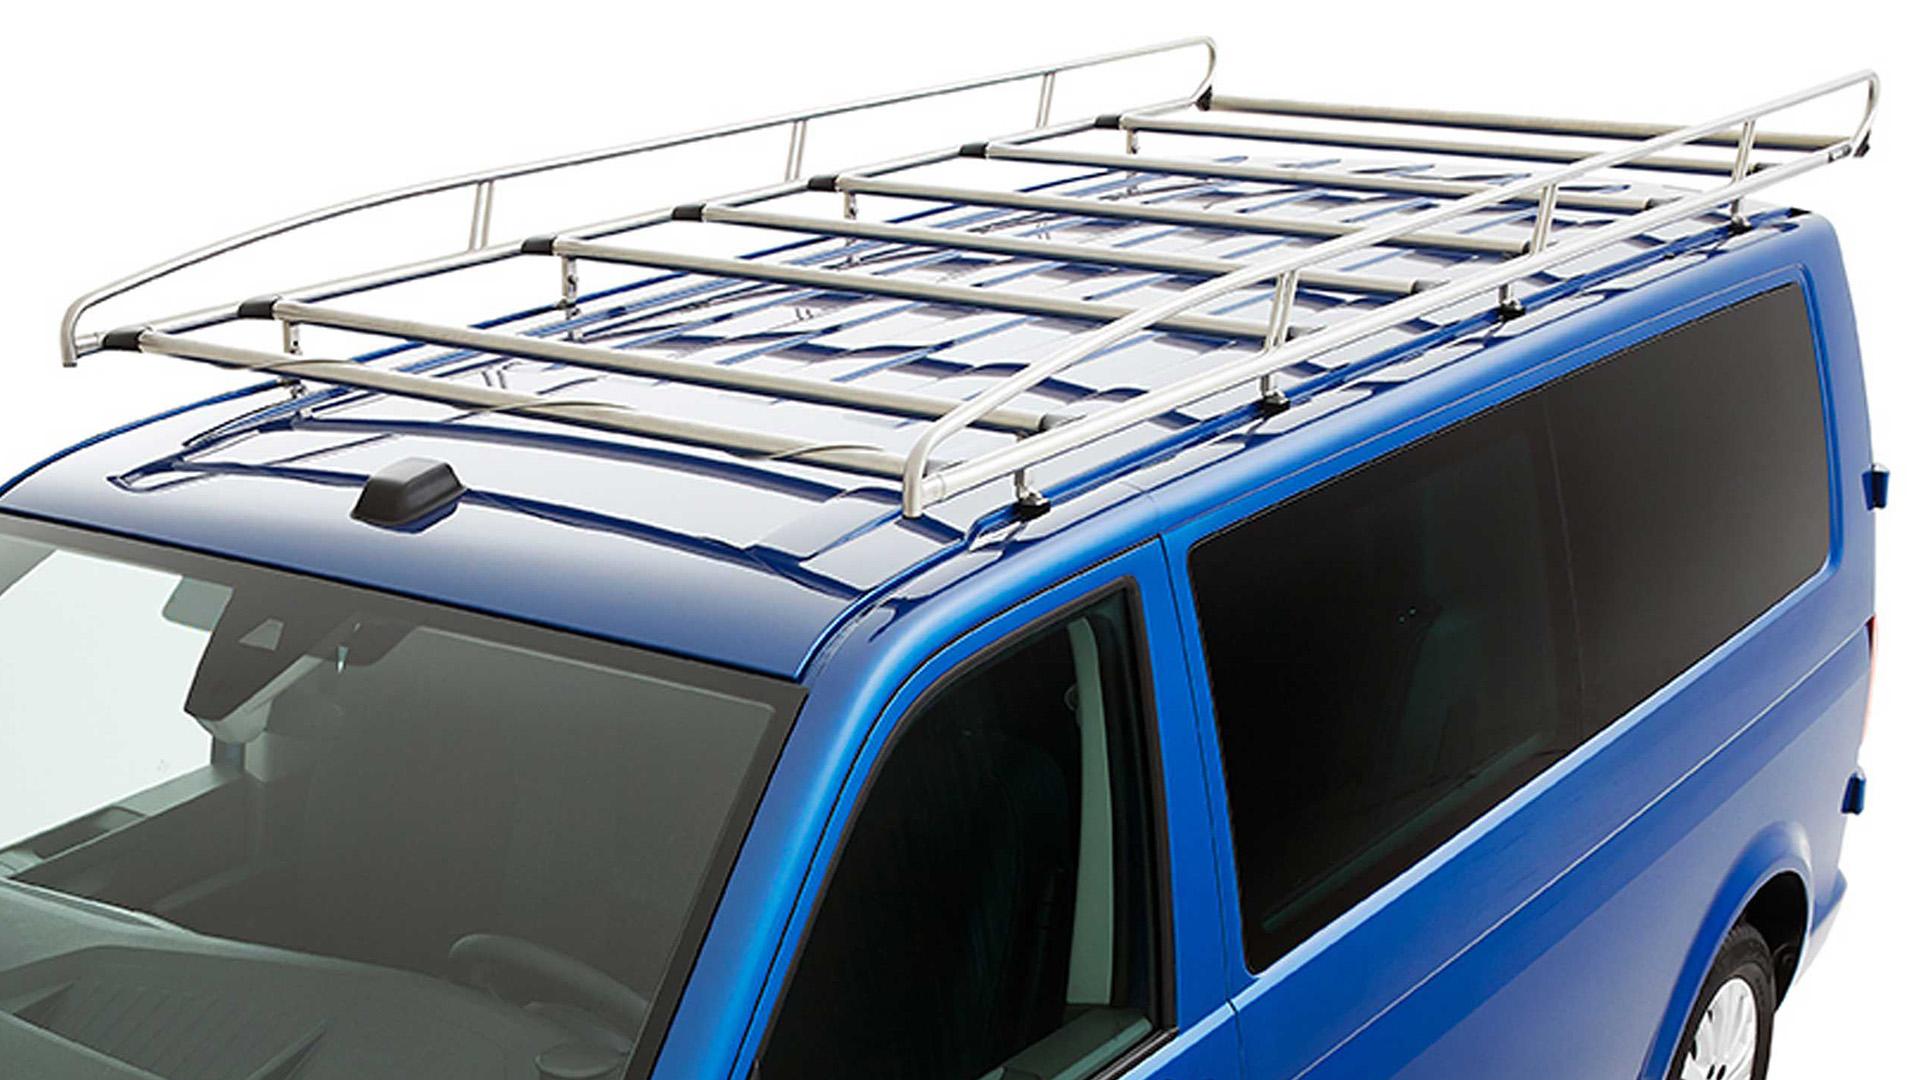 Volkswagen_Bedrijfwagens_Voor_Mekaar_Deals_-_Accessoires_-_Imperiaal_Transporter.jpg